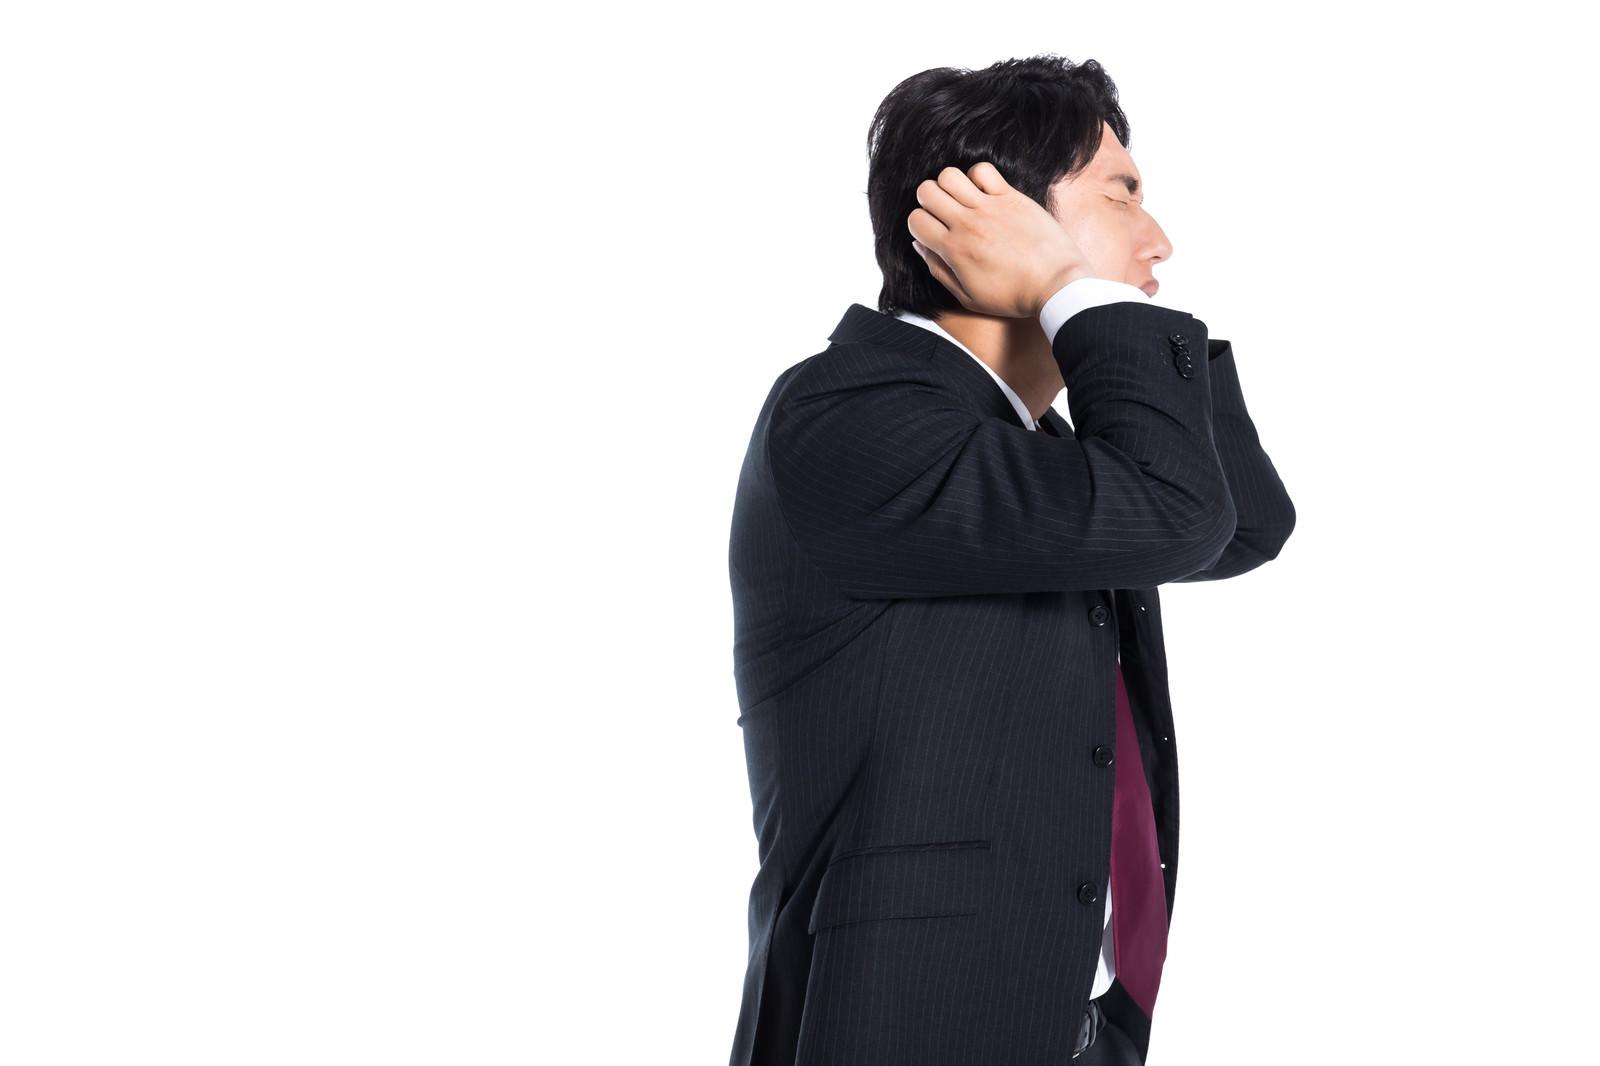 「失敗して頭を抱える会社員」の写真[モデル:大川竜弥]